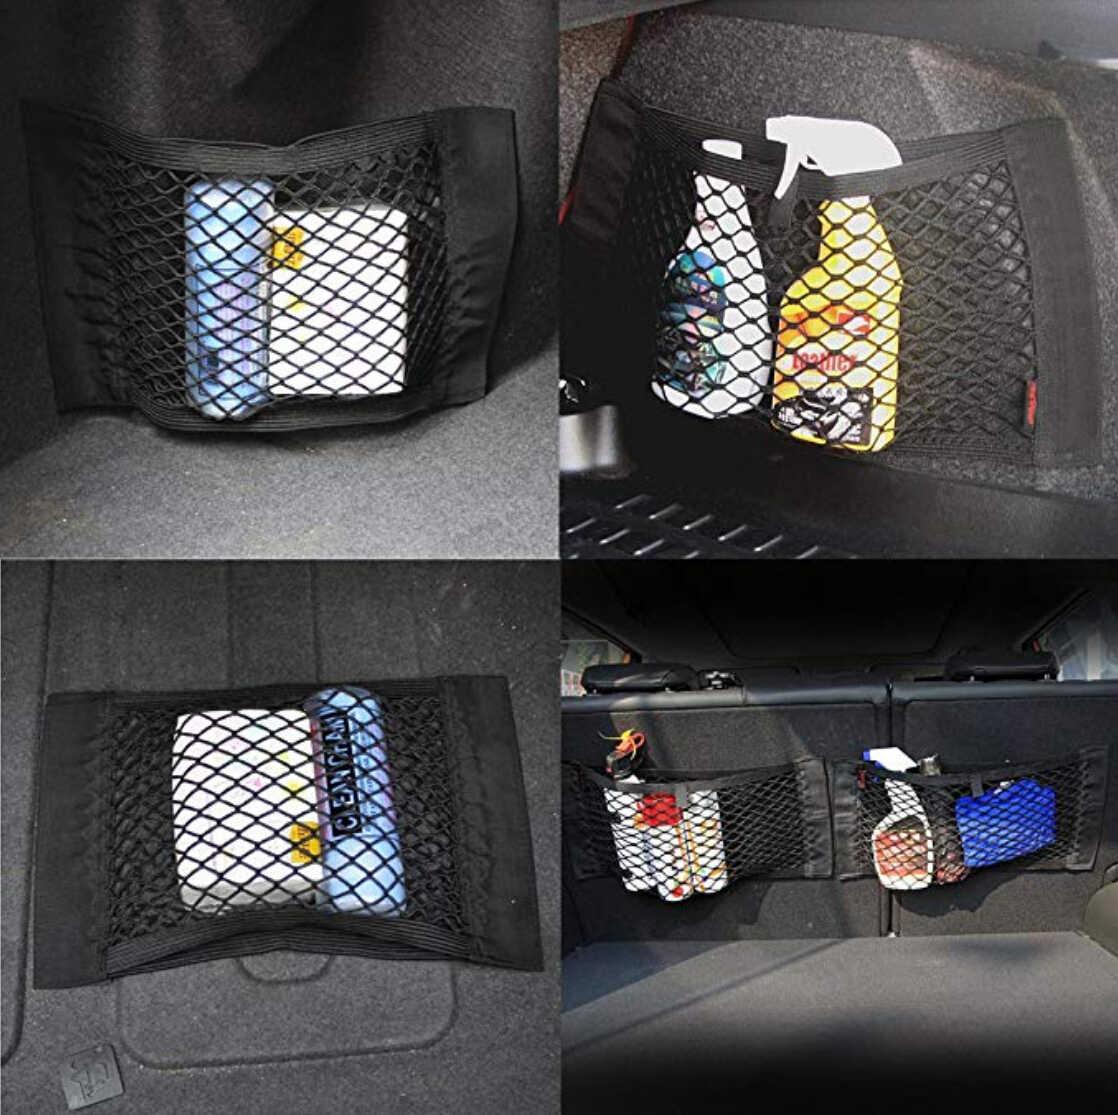 Автомобильная задняя сетка для сиденья сумка-пакет для хранения для Лада Гранта, калина vesta priora largus 2110 niva 2107 2106 2109 vaz samara